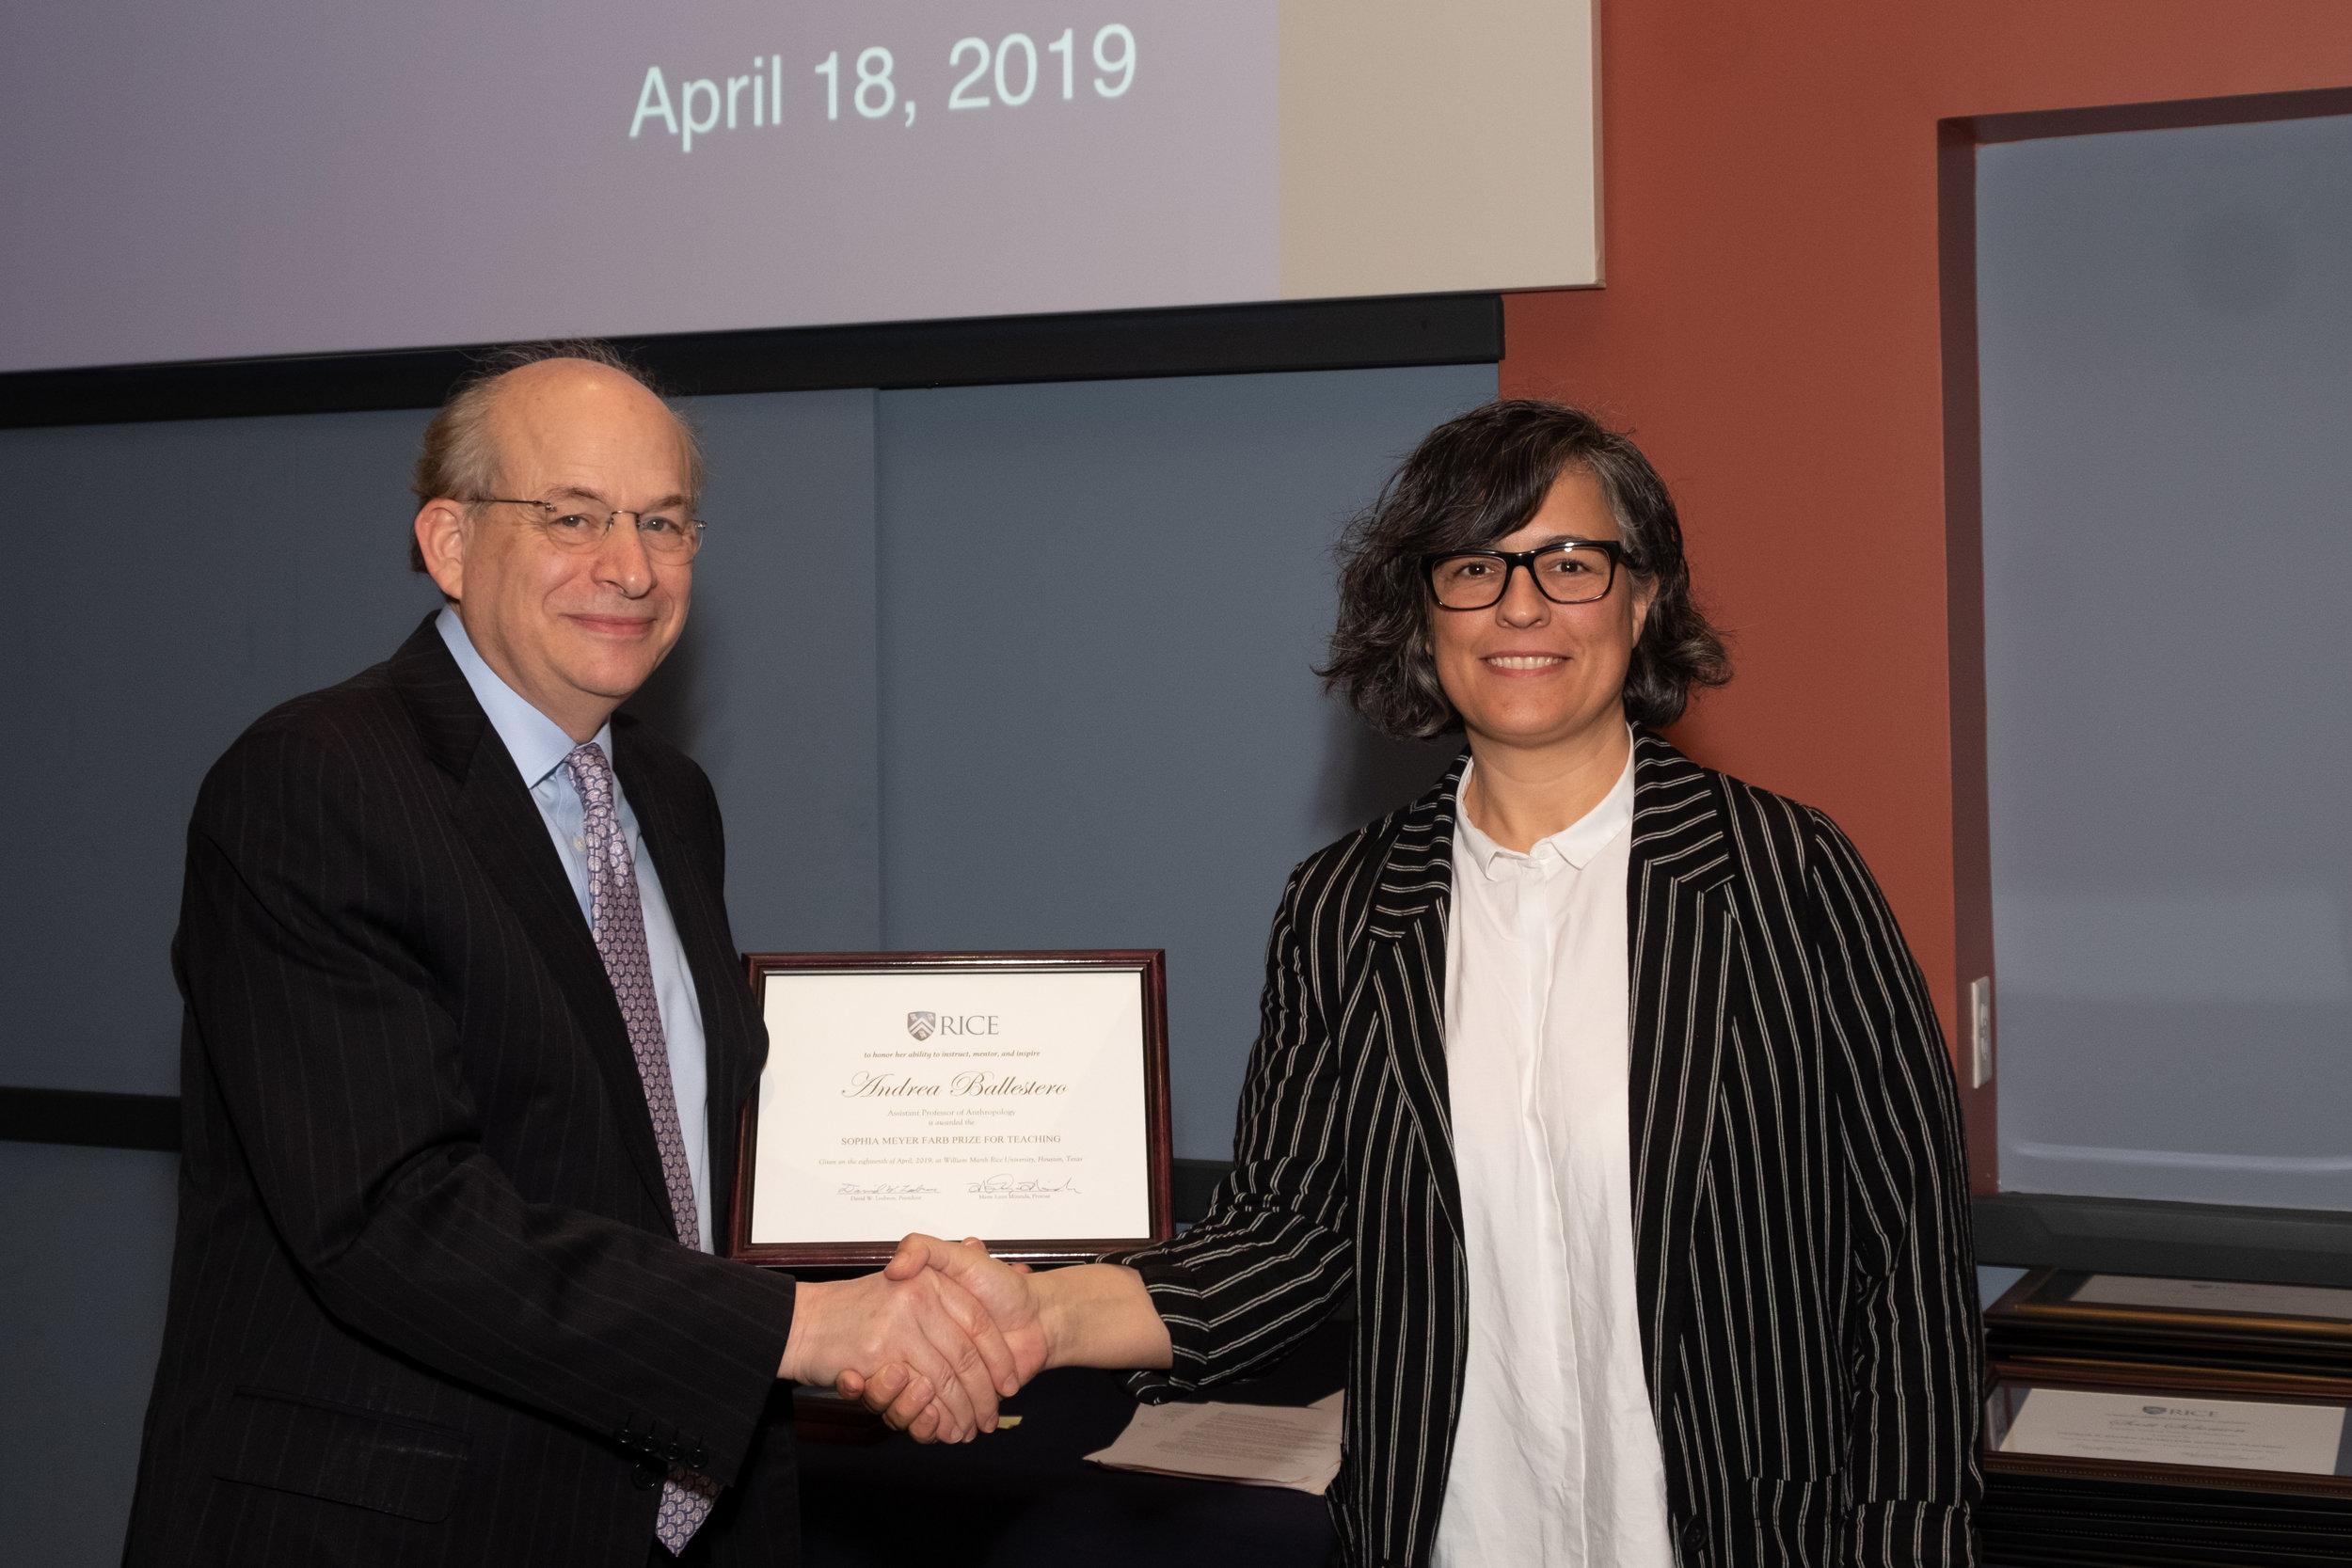 President Leebron & Andrea Ballestero, Sophia Meyer Farb Prize for Teaching (Phi Beta Kappa Teaching Award)